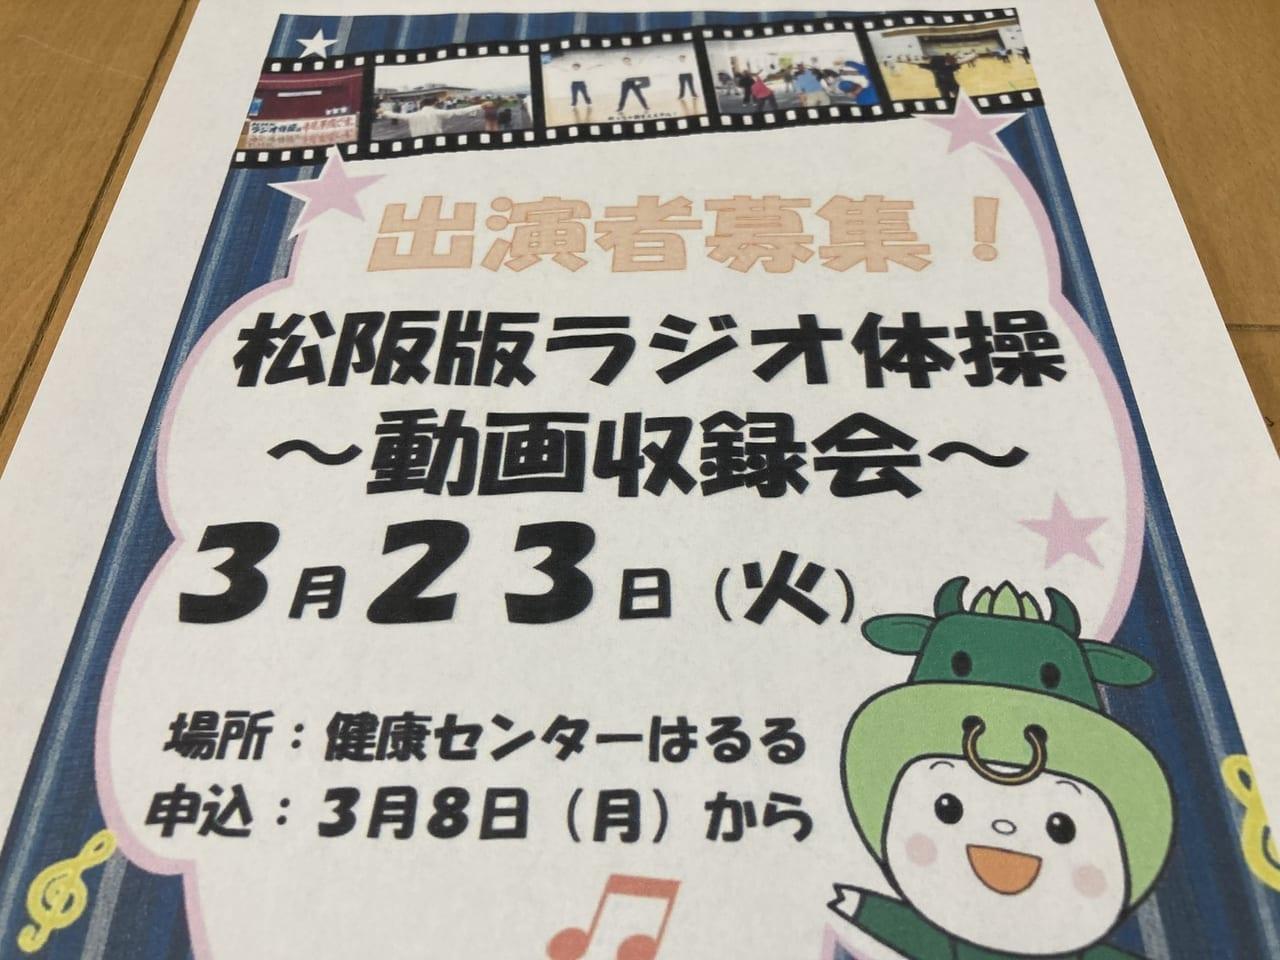 松阪版ラジオ体操動画収録会のチラシ